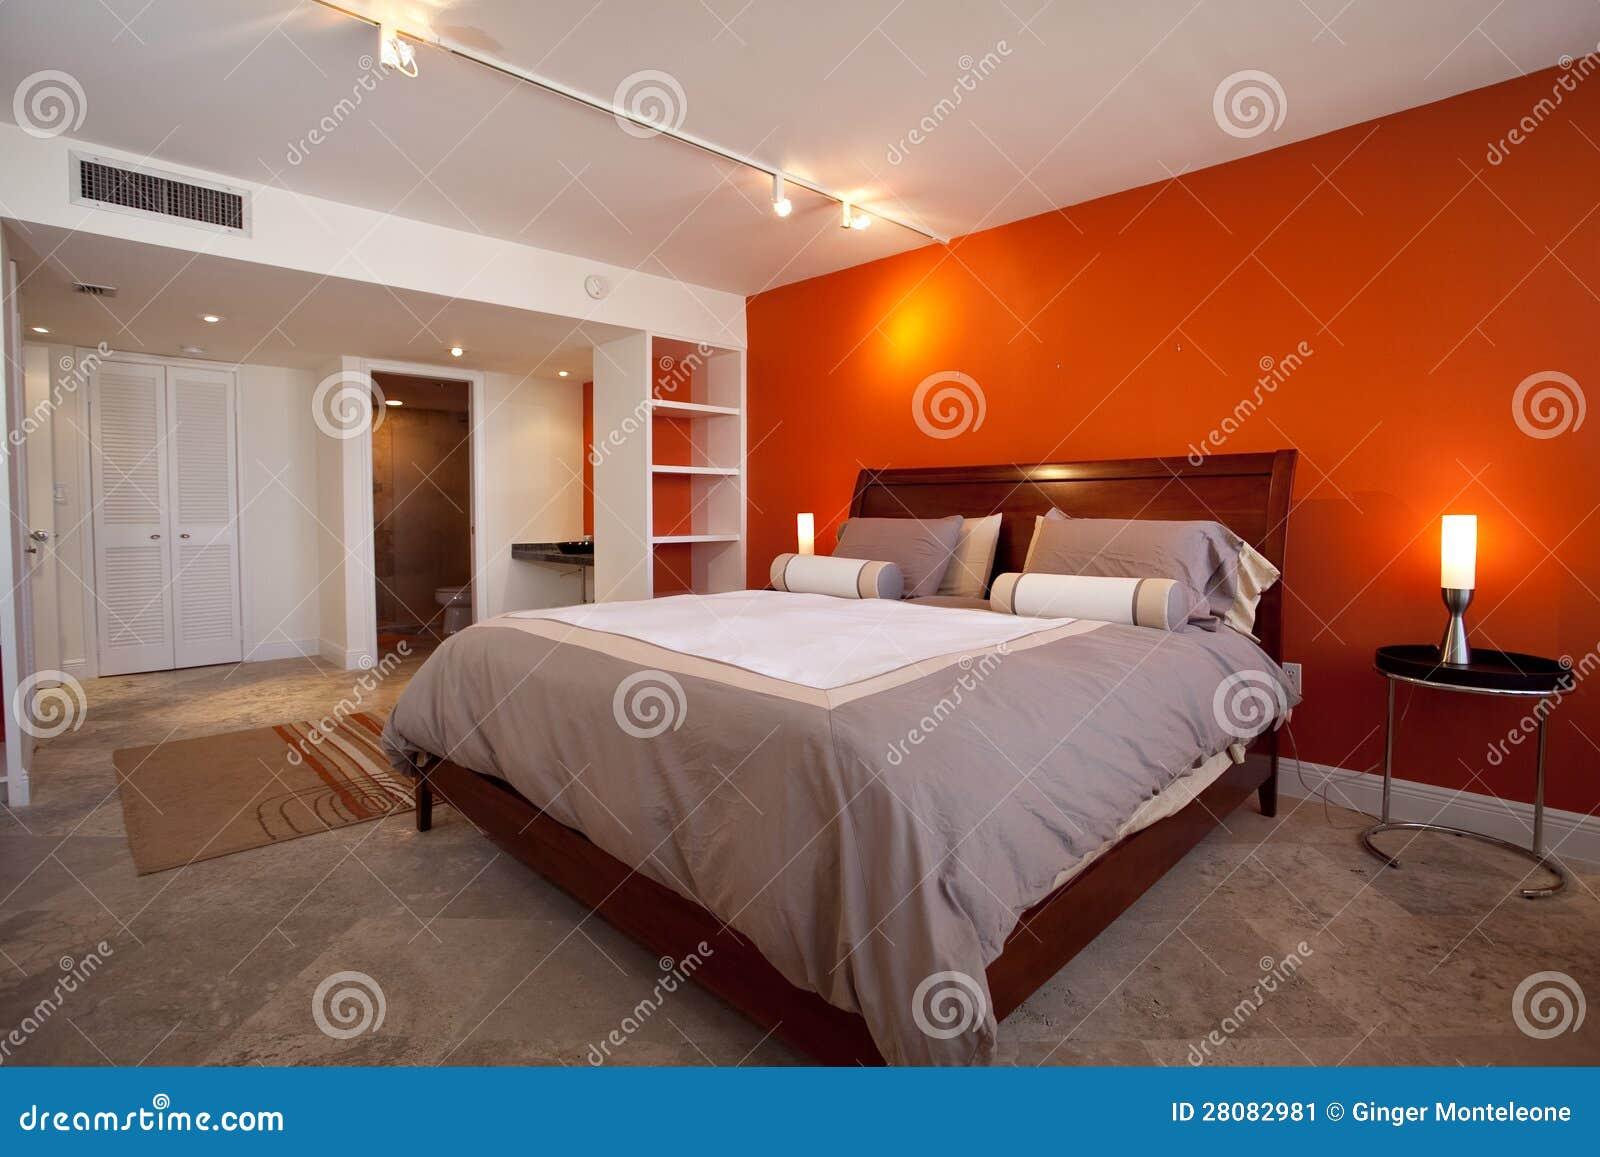 Slaapkamer met oranje muur stock afbeelding. Afbeelding bestaande ...